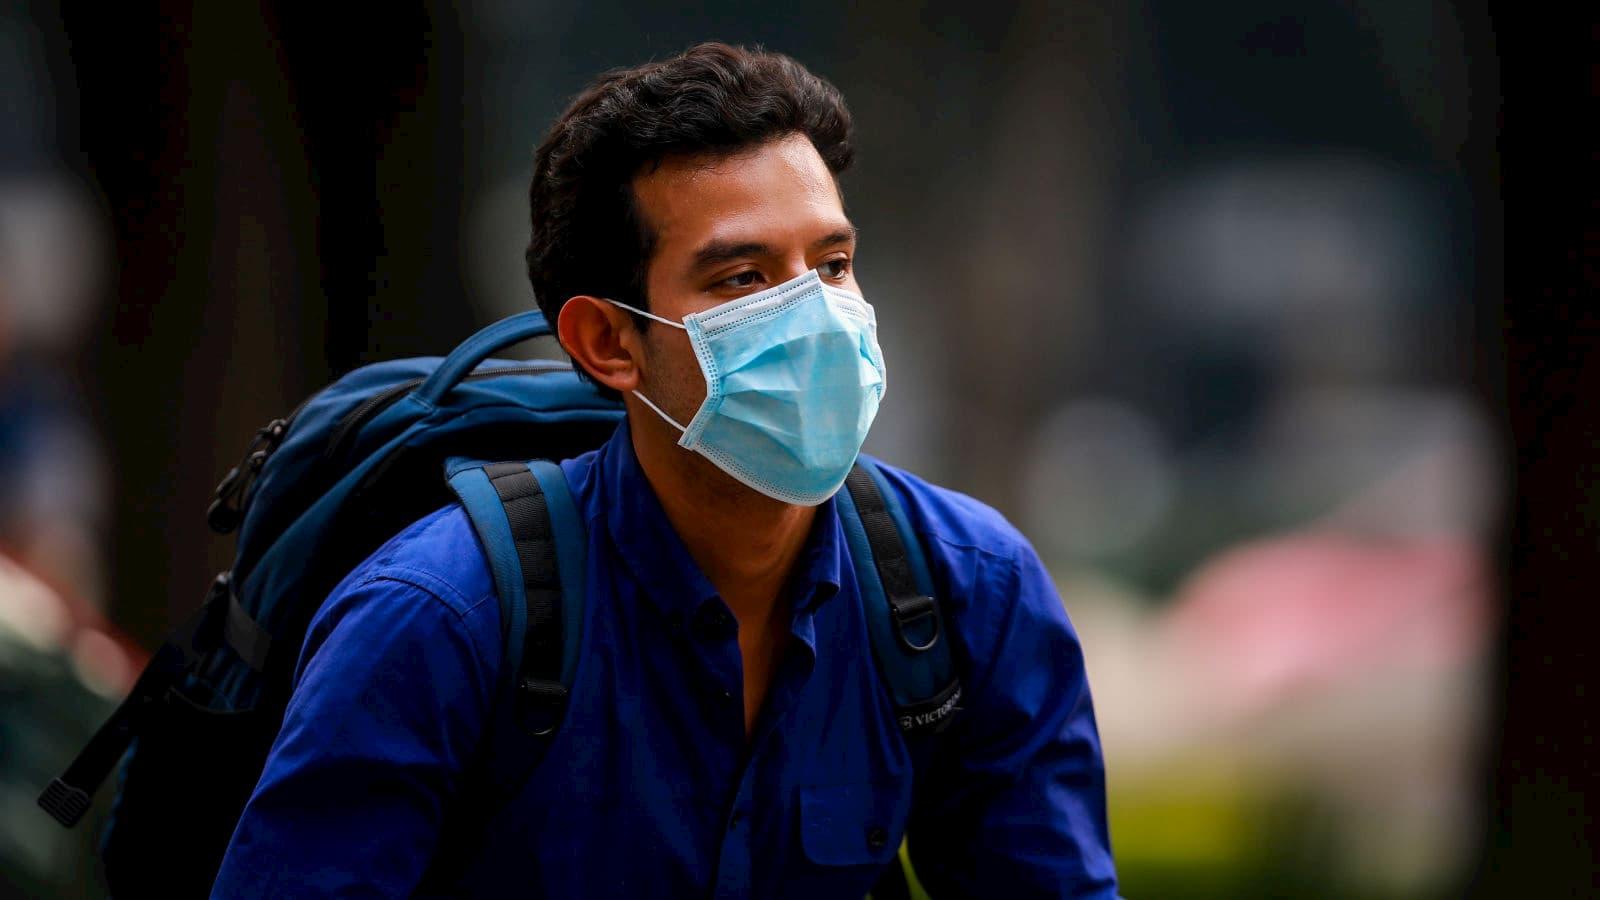 Máscaras cirurgicas ajudam contra o coronavírus e outras doenças?